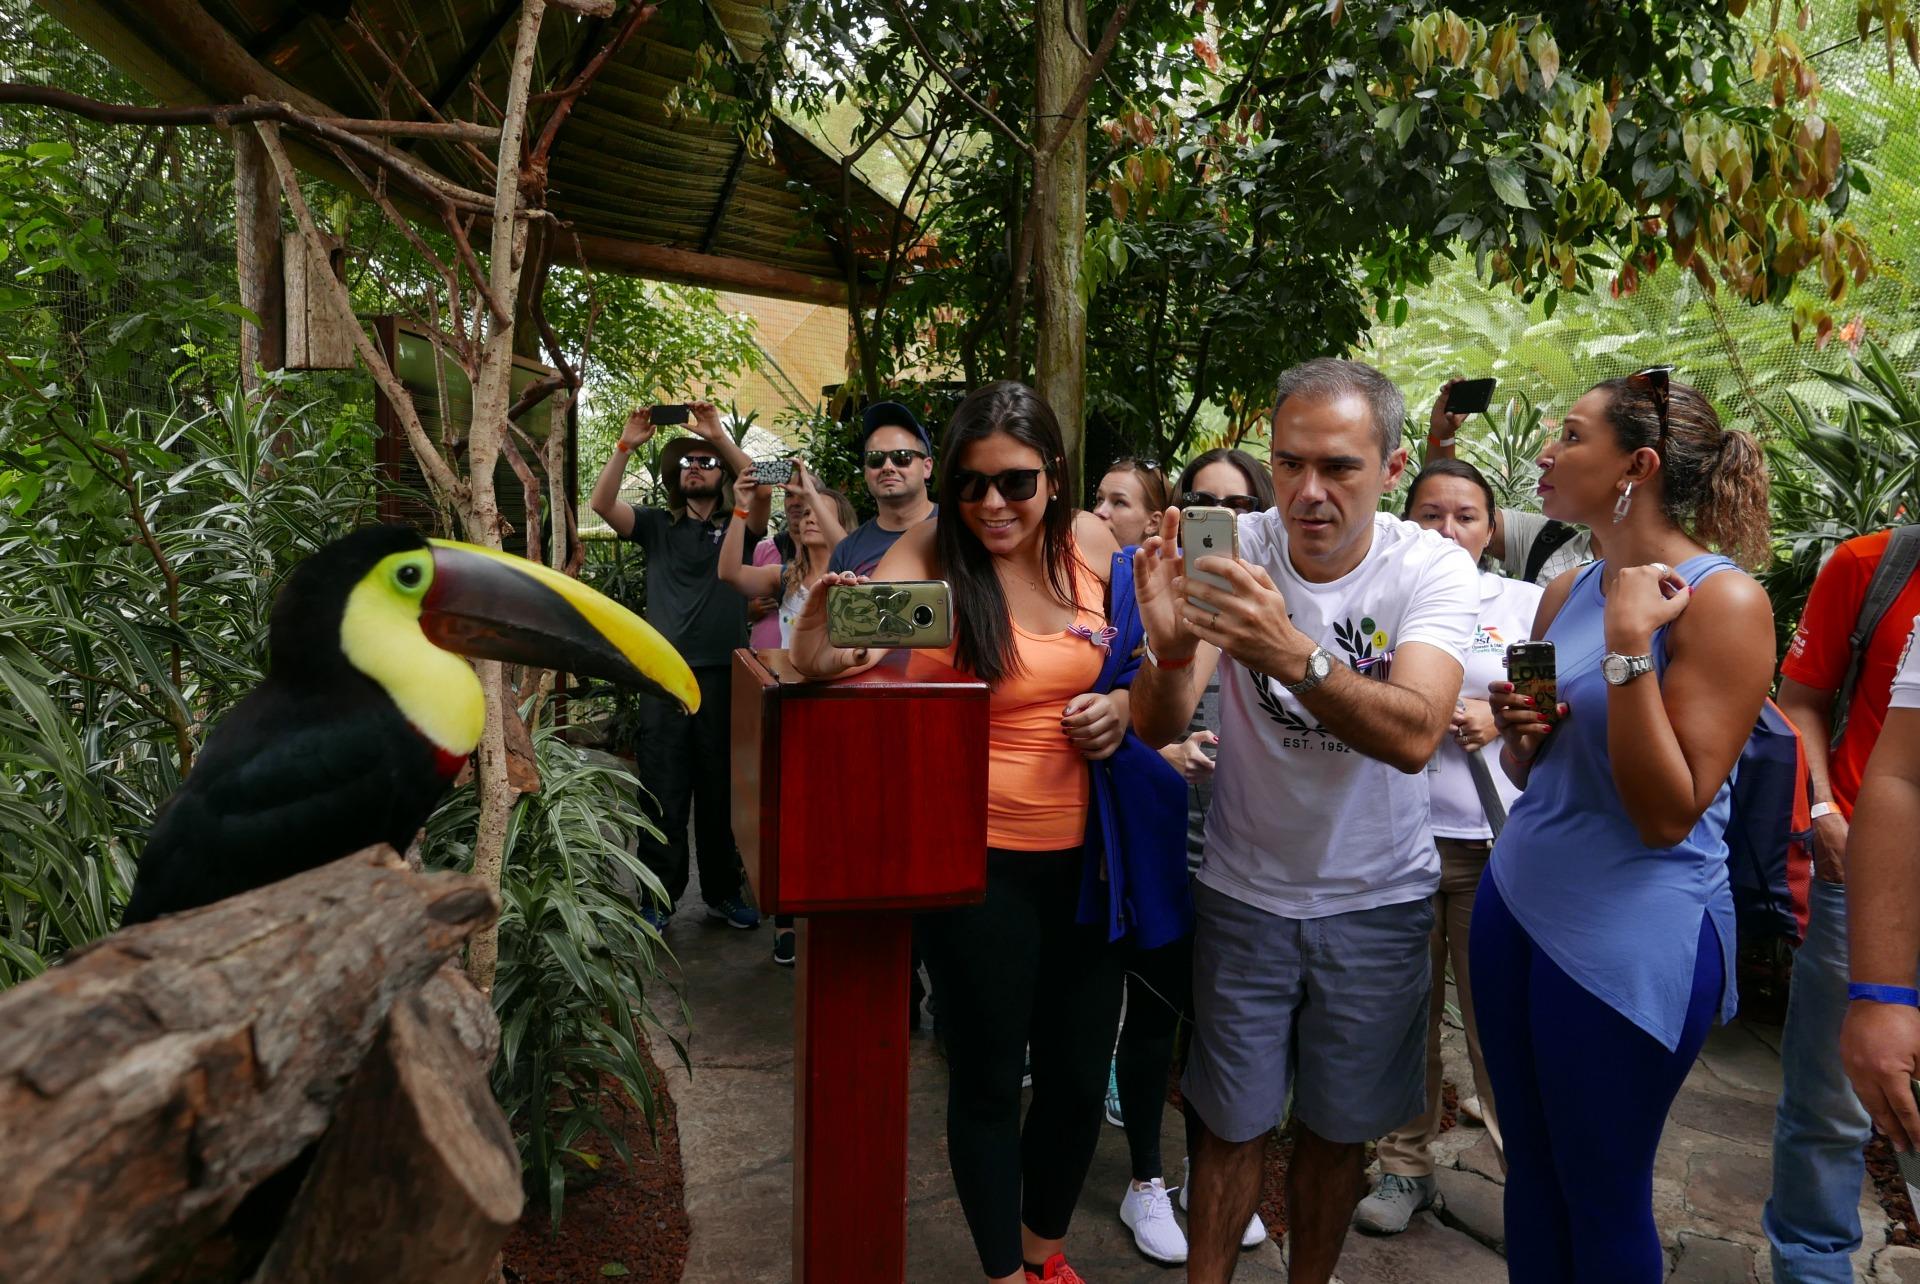 O aviário do La Paz Waterfall Gardens encanta adultos e crianças